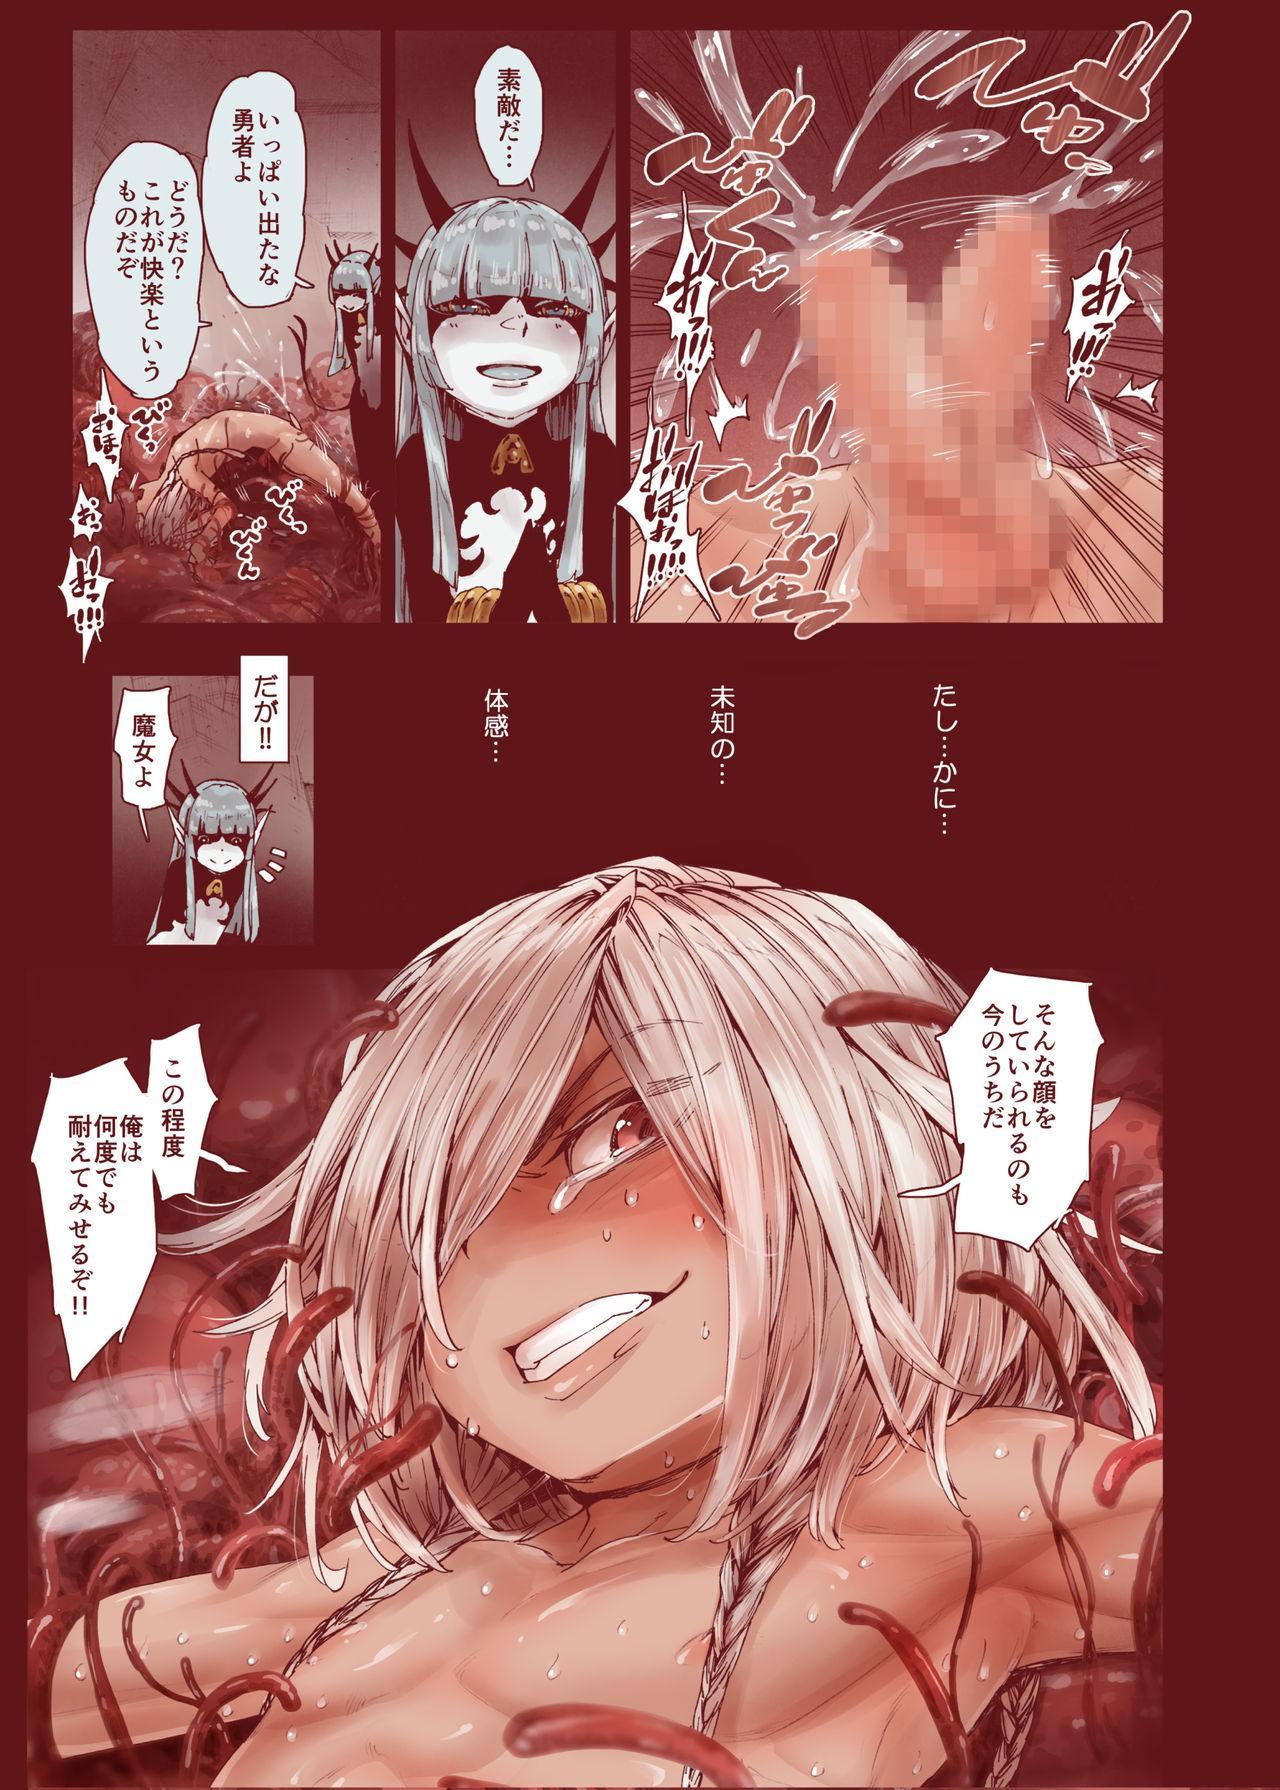 Daraku no Majo ~Shounen Yuusha to Tsurupeta Elf wa Ika ni Shite Majo ni Yabureta ka 22